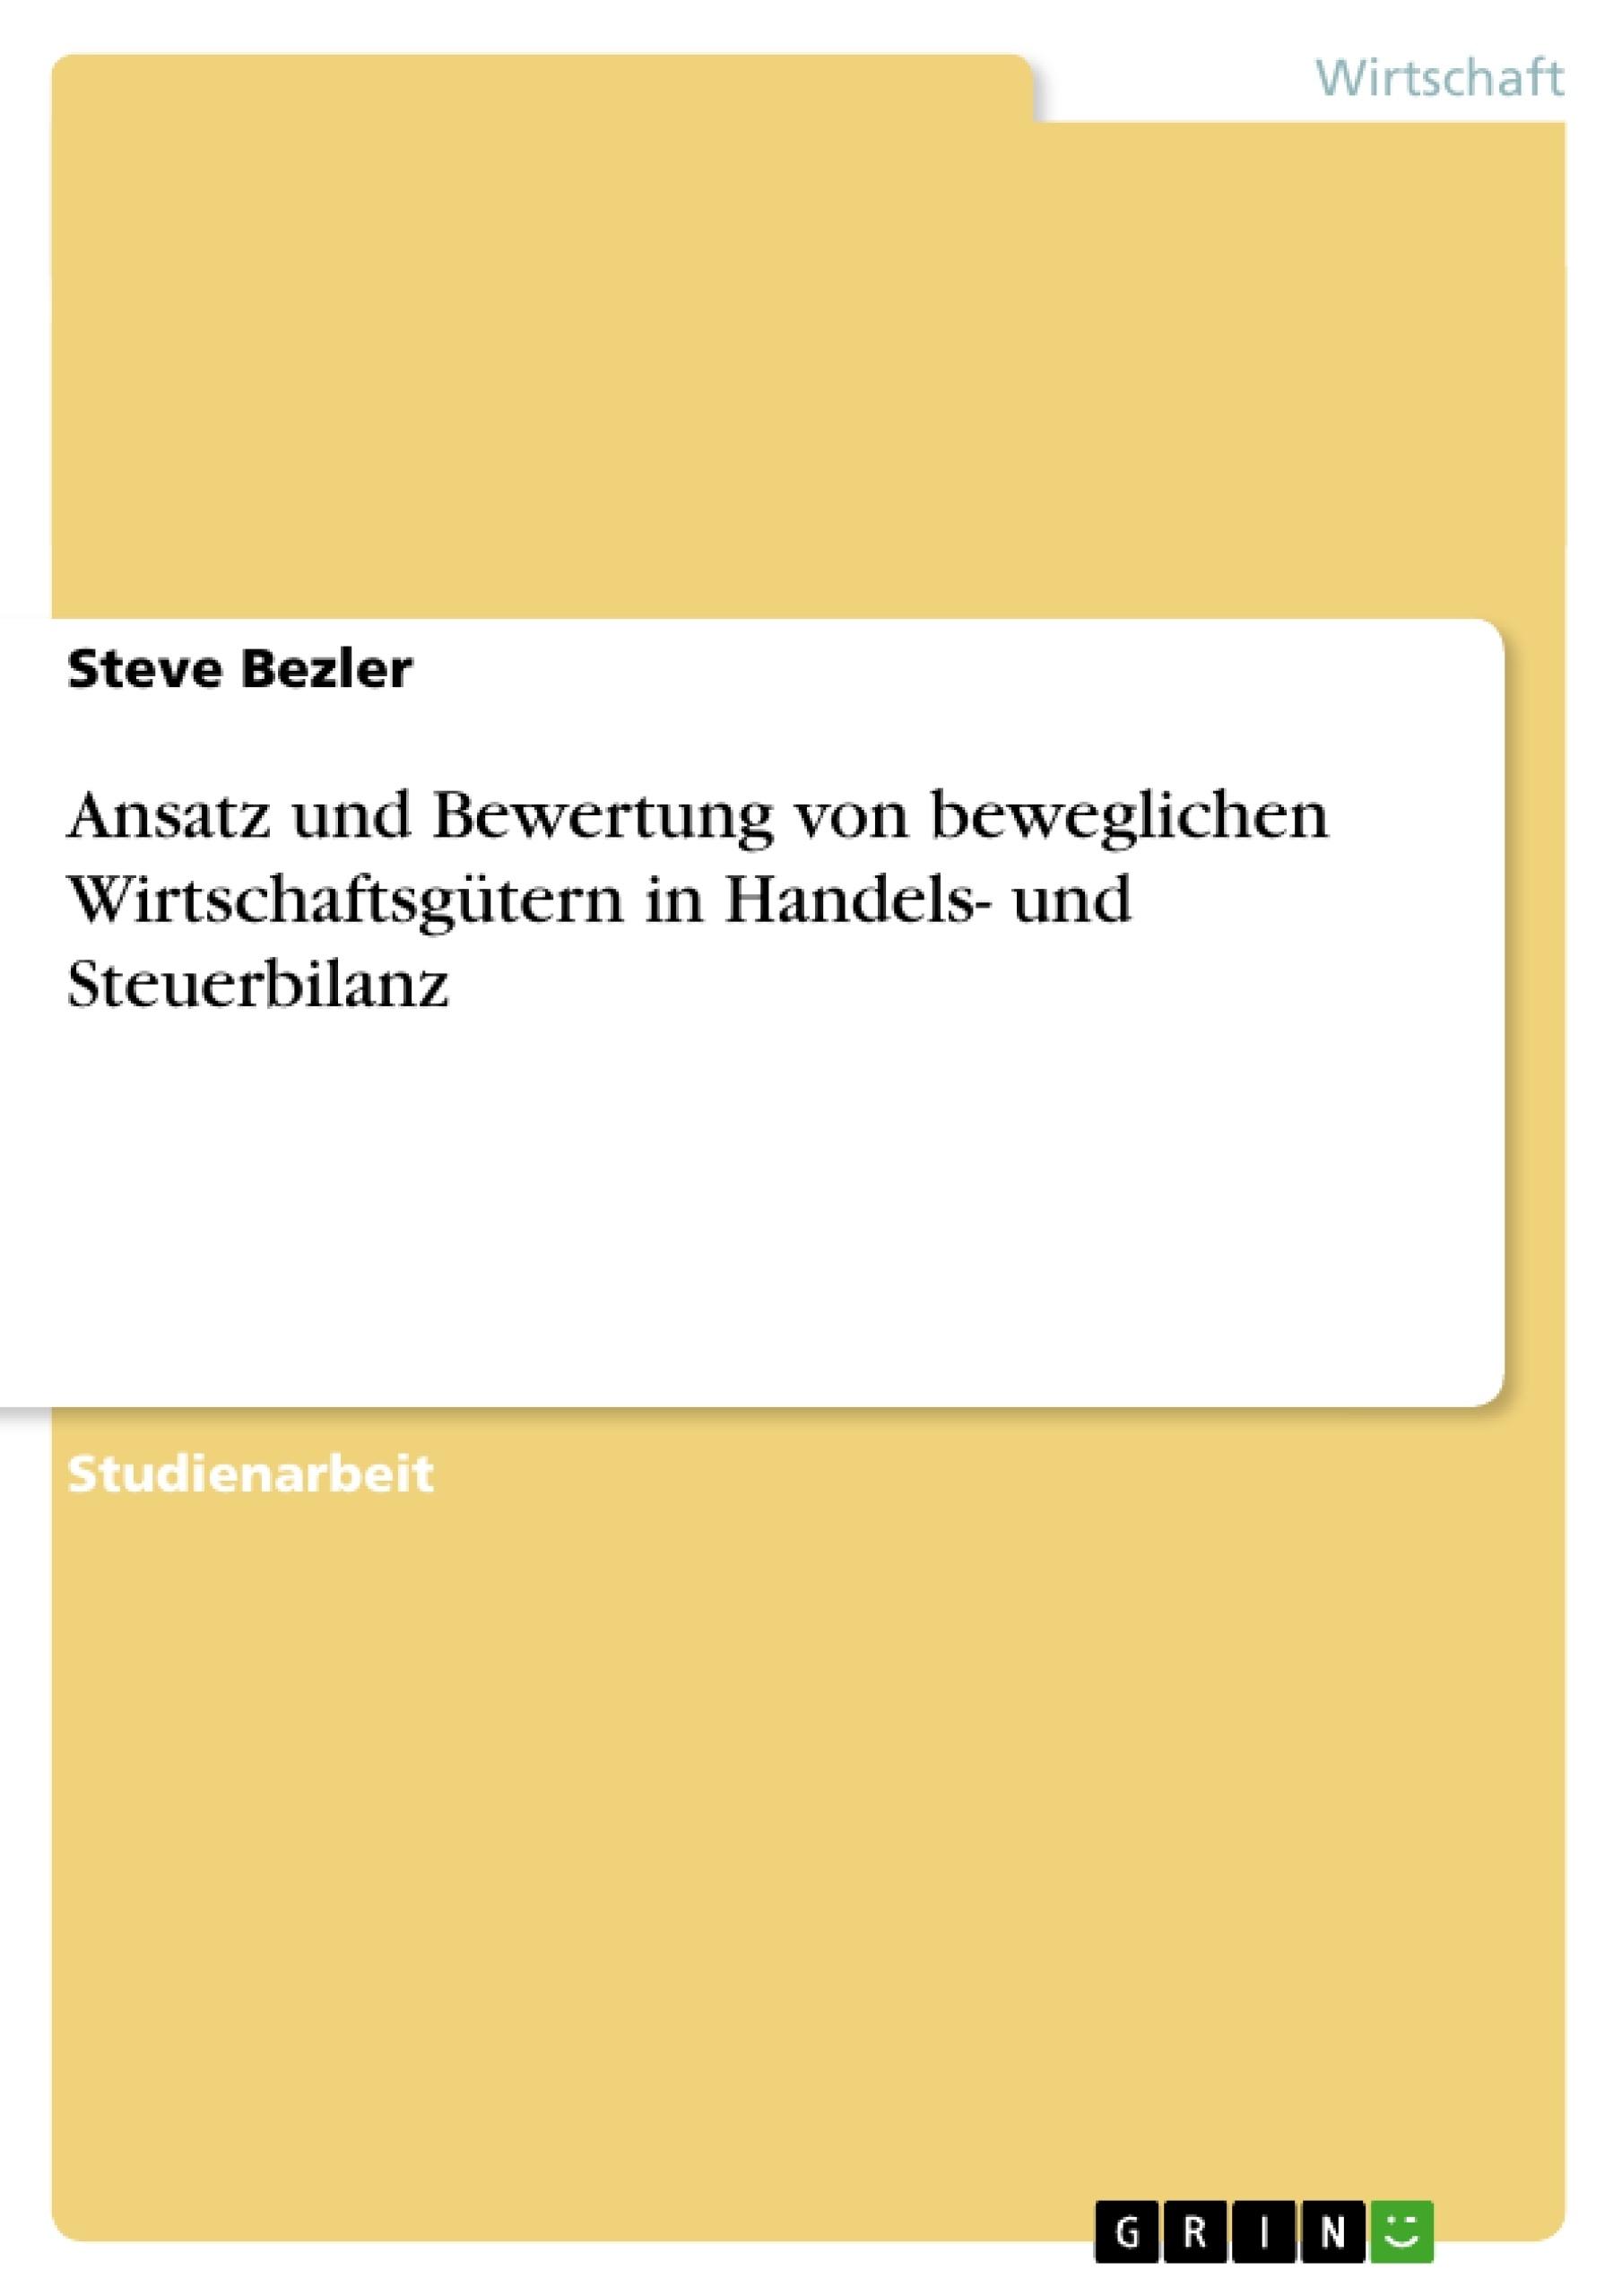 Titel: Ansatz und Bewertung von beweglichen Wirtschaftsgütern in Handels- und Steuerbilanz